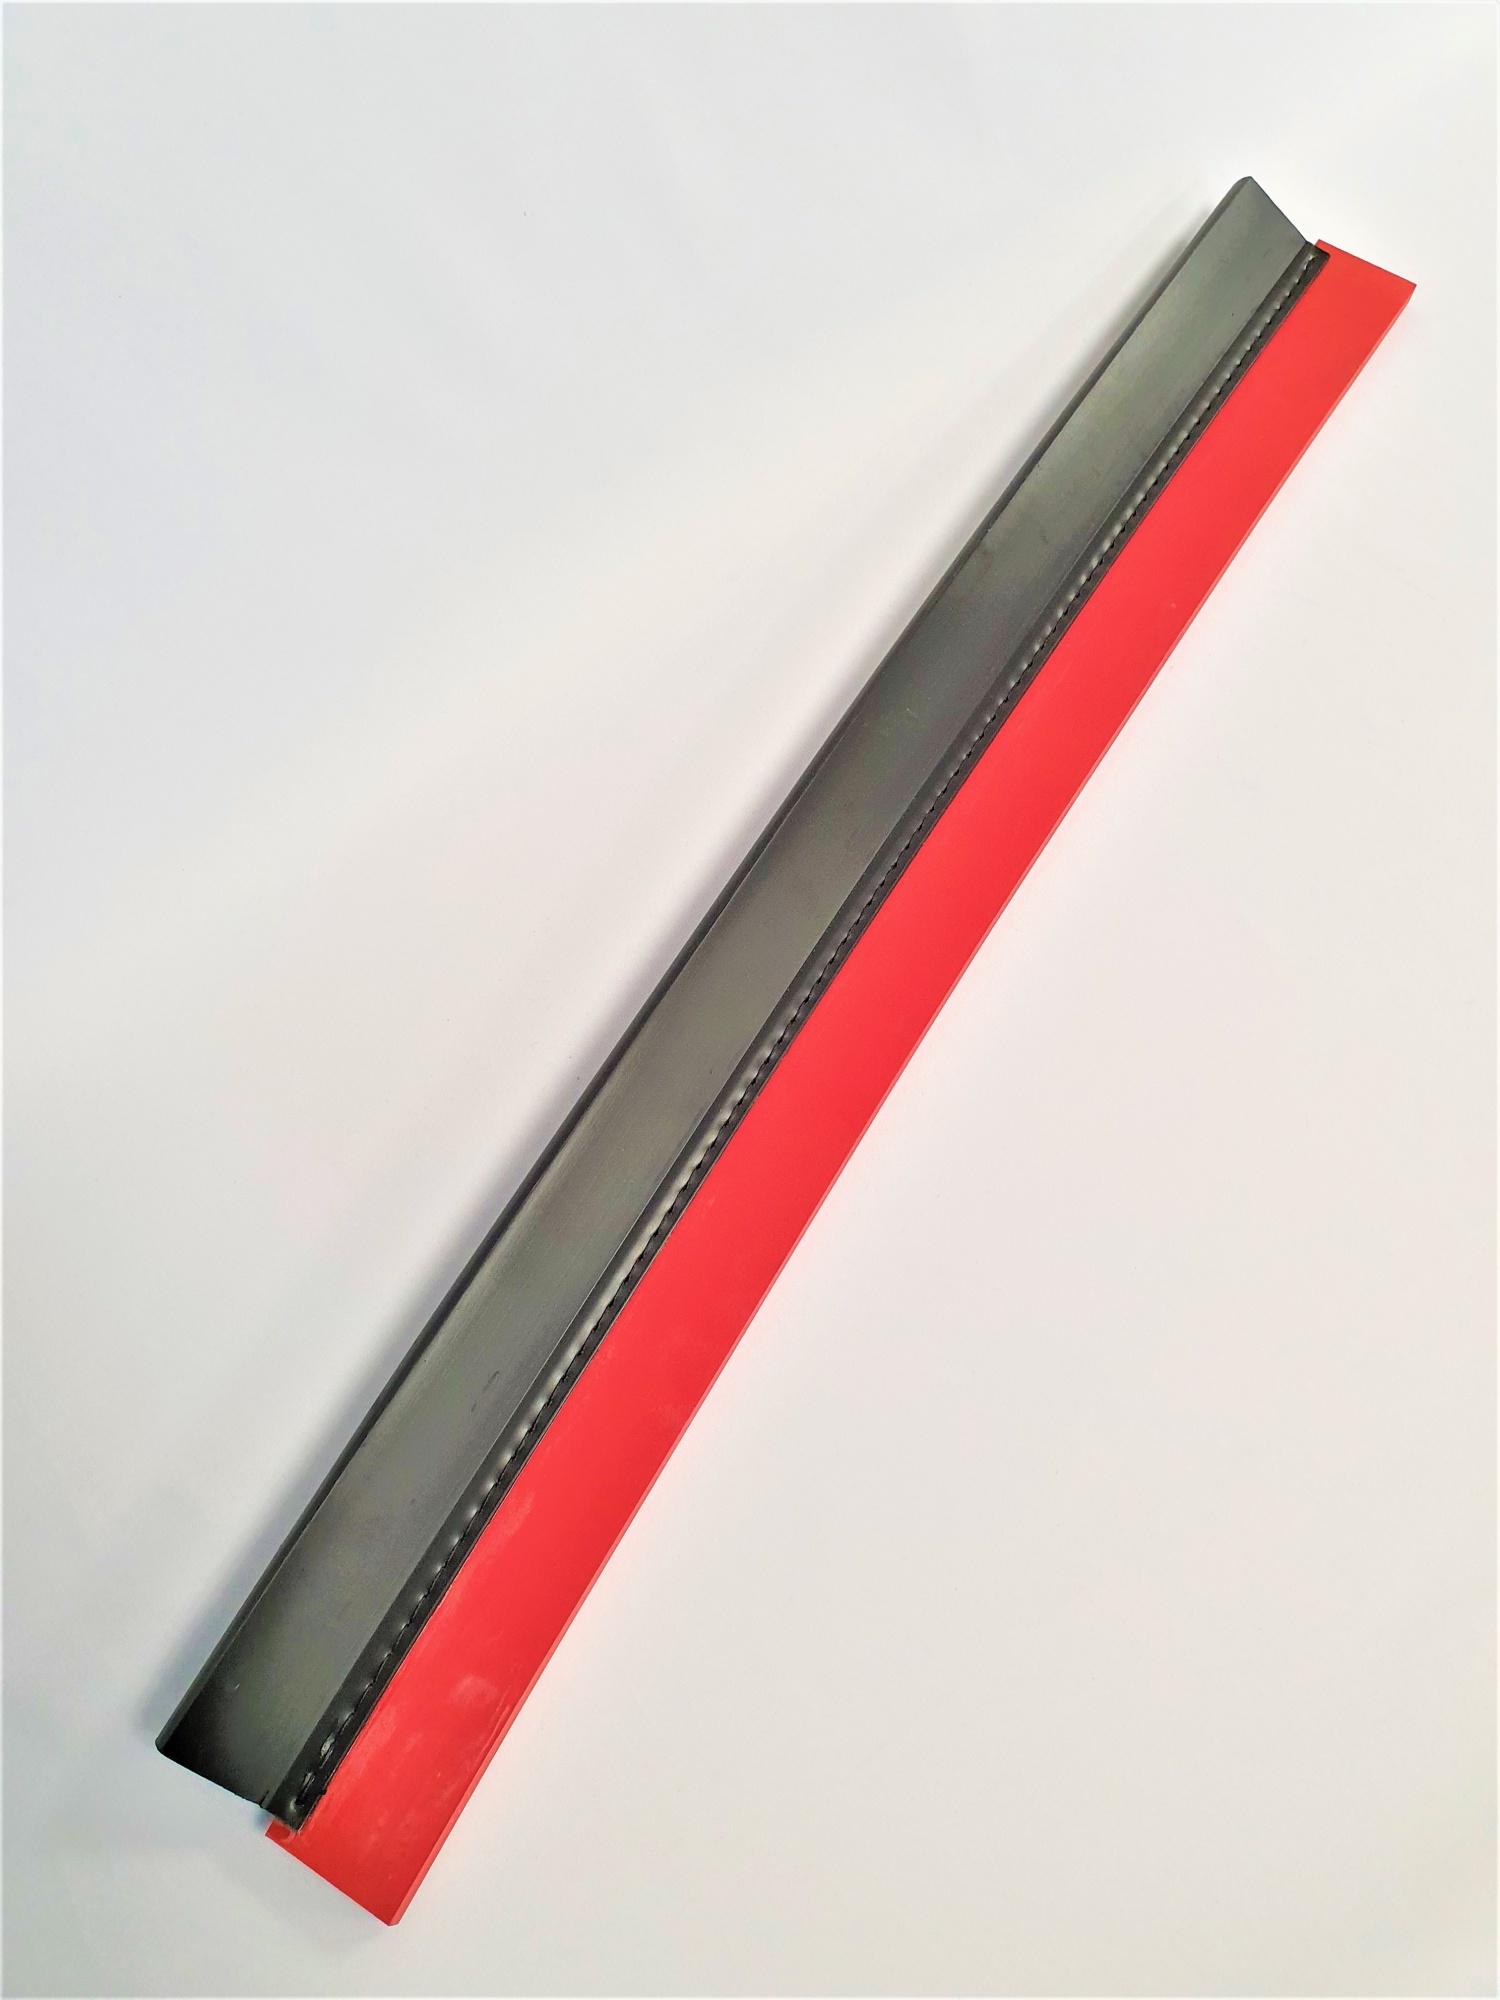 Bavette latérale gauche pour Autolaveuse TENNANT T7 / 65